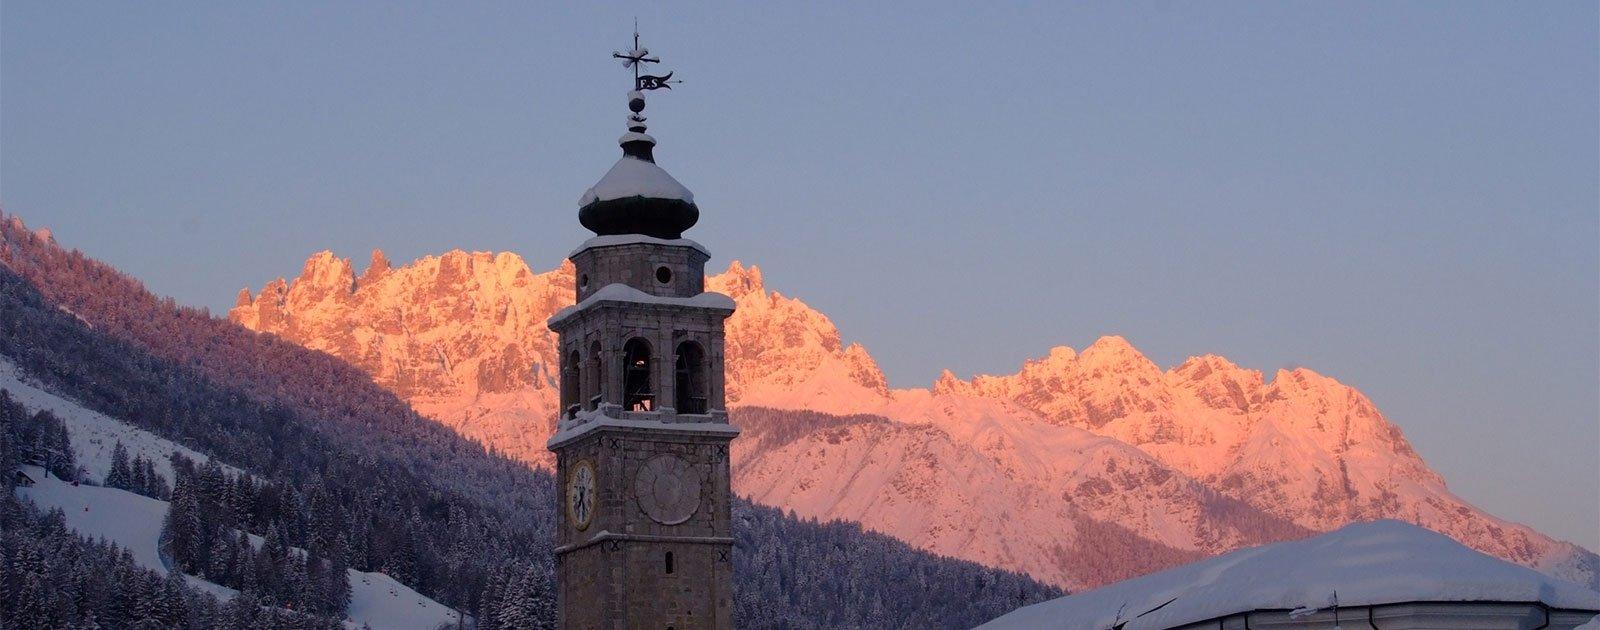 winterlicher Sonnenuntergang